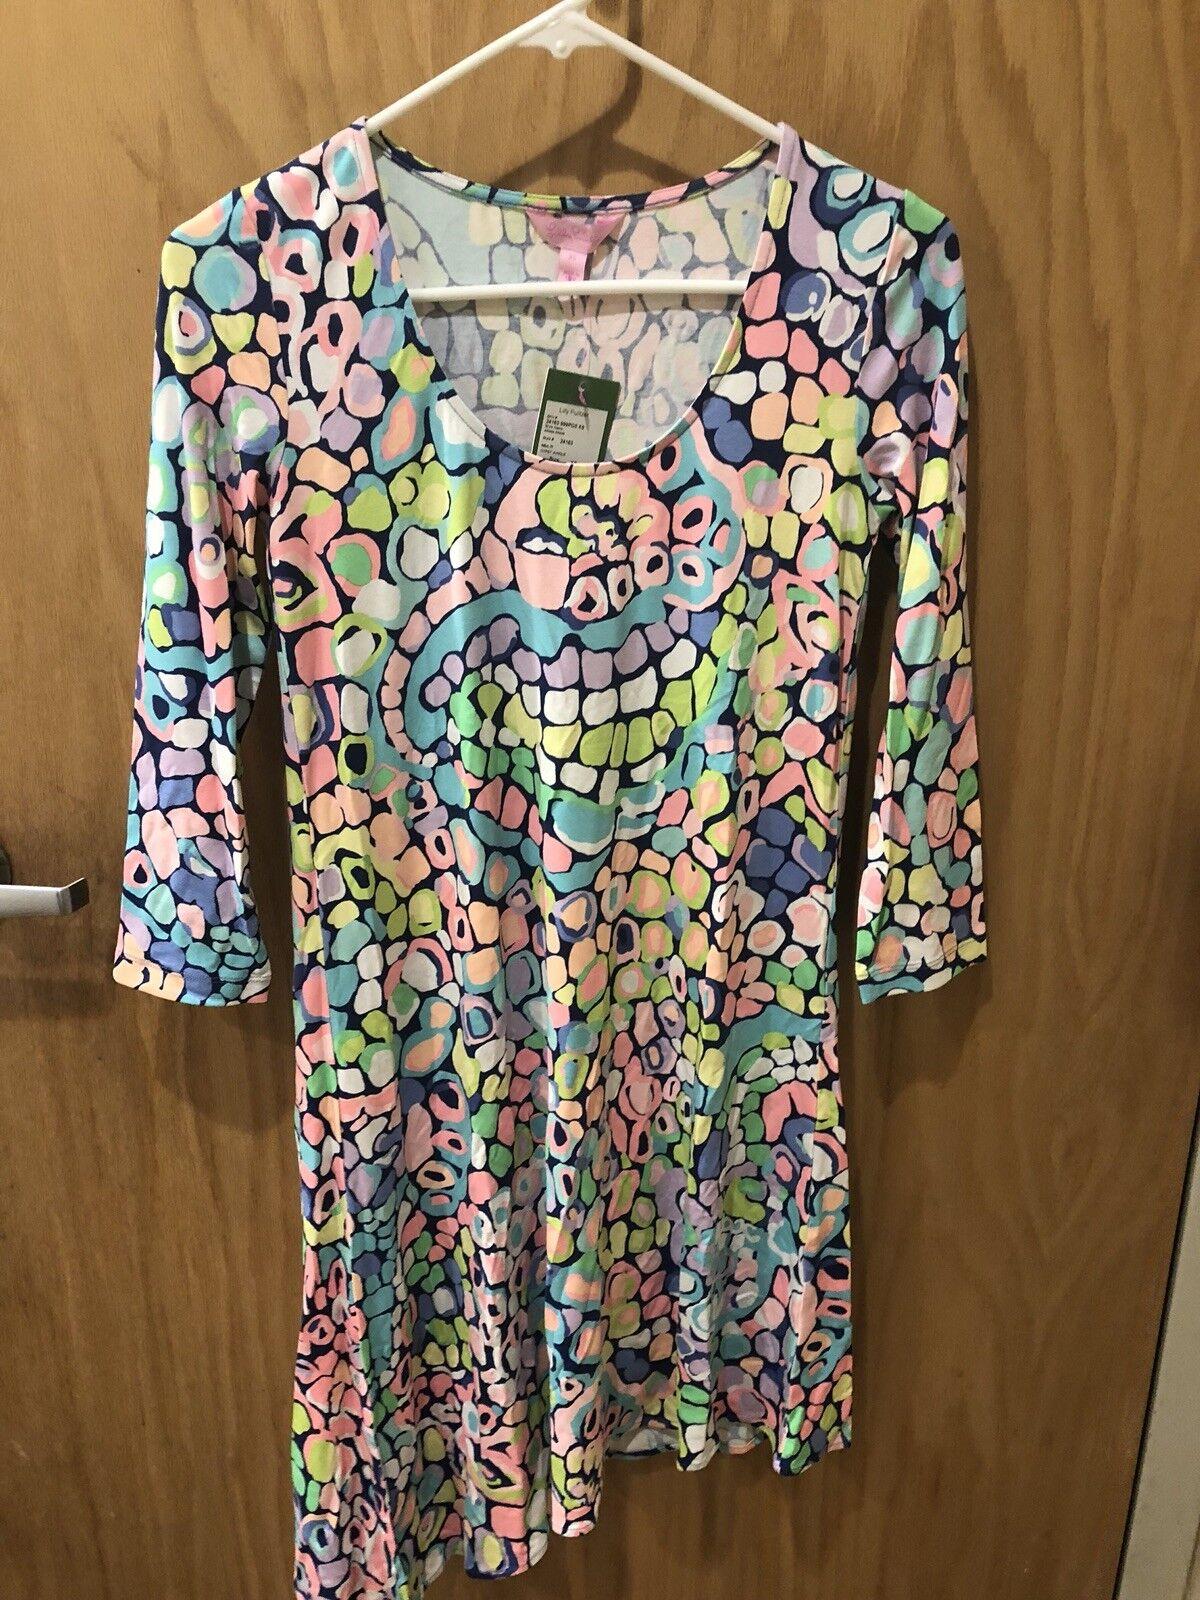 LILLY PULITZER Ariana Gypsy Jungle Print Swing Dress Größe XS NWT